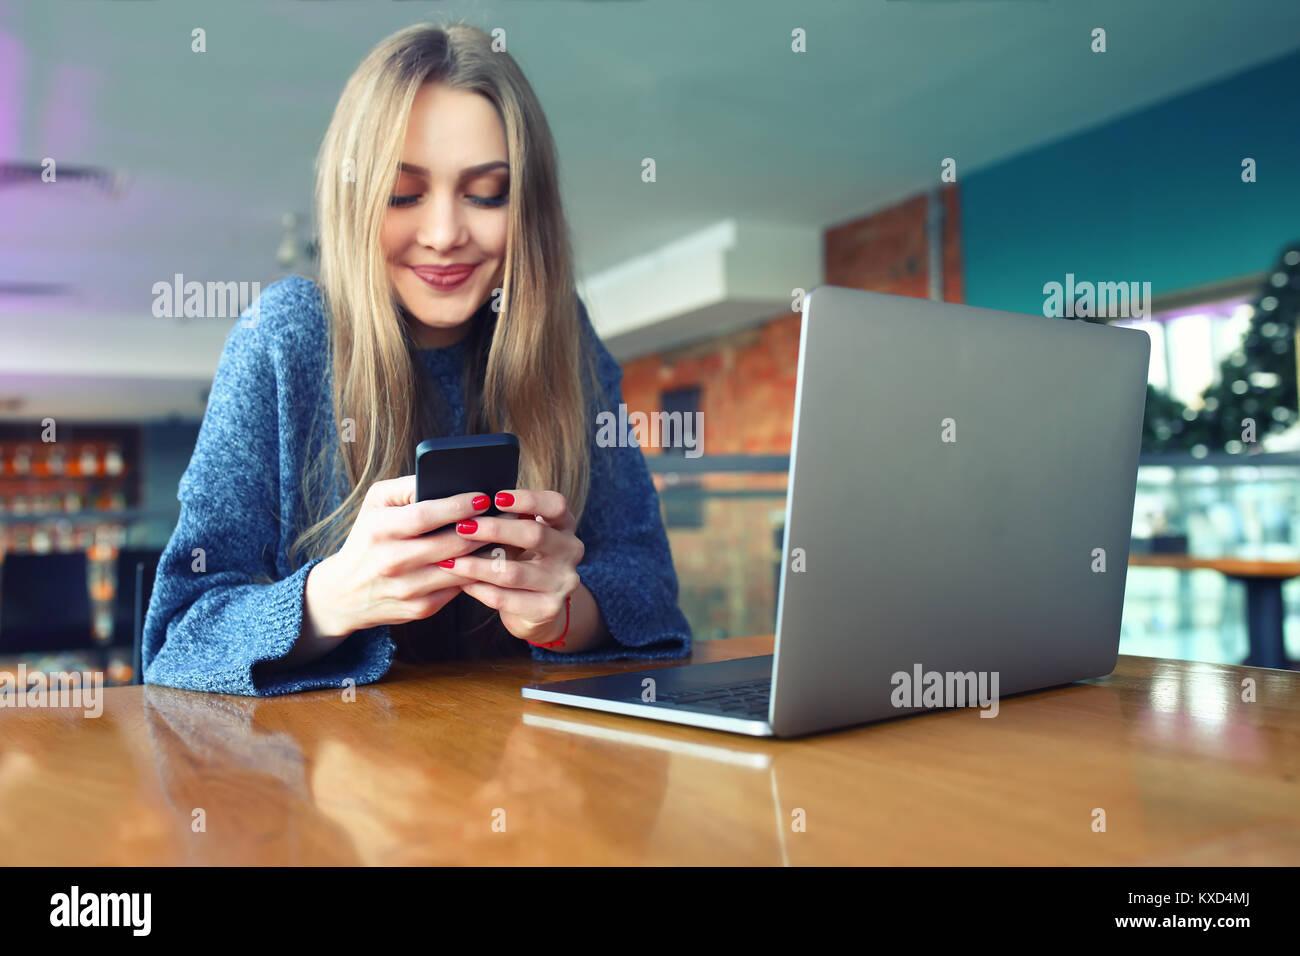 Frau Text eingeben Nachricht auf Smart Phone in einem Café. Junge Frau an einem Tisch sitzen mit einem Handy Stockbild